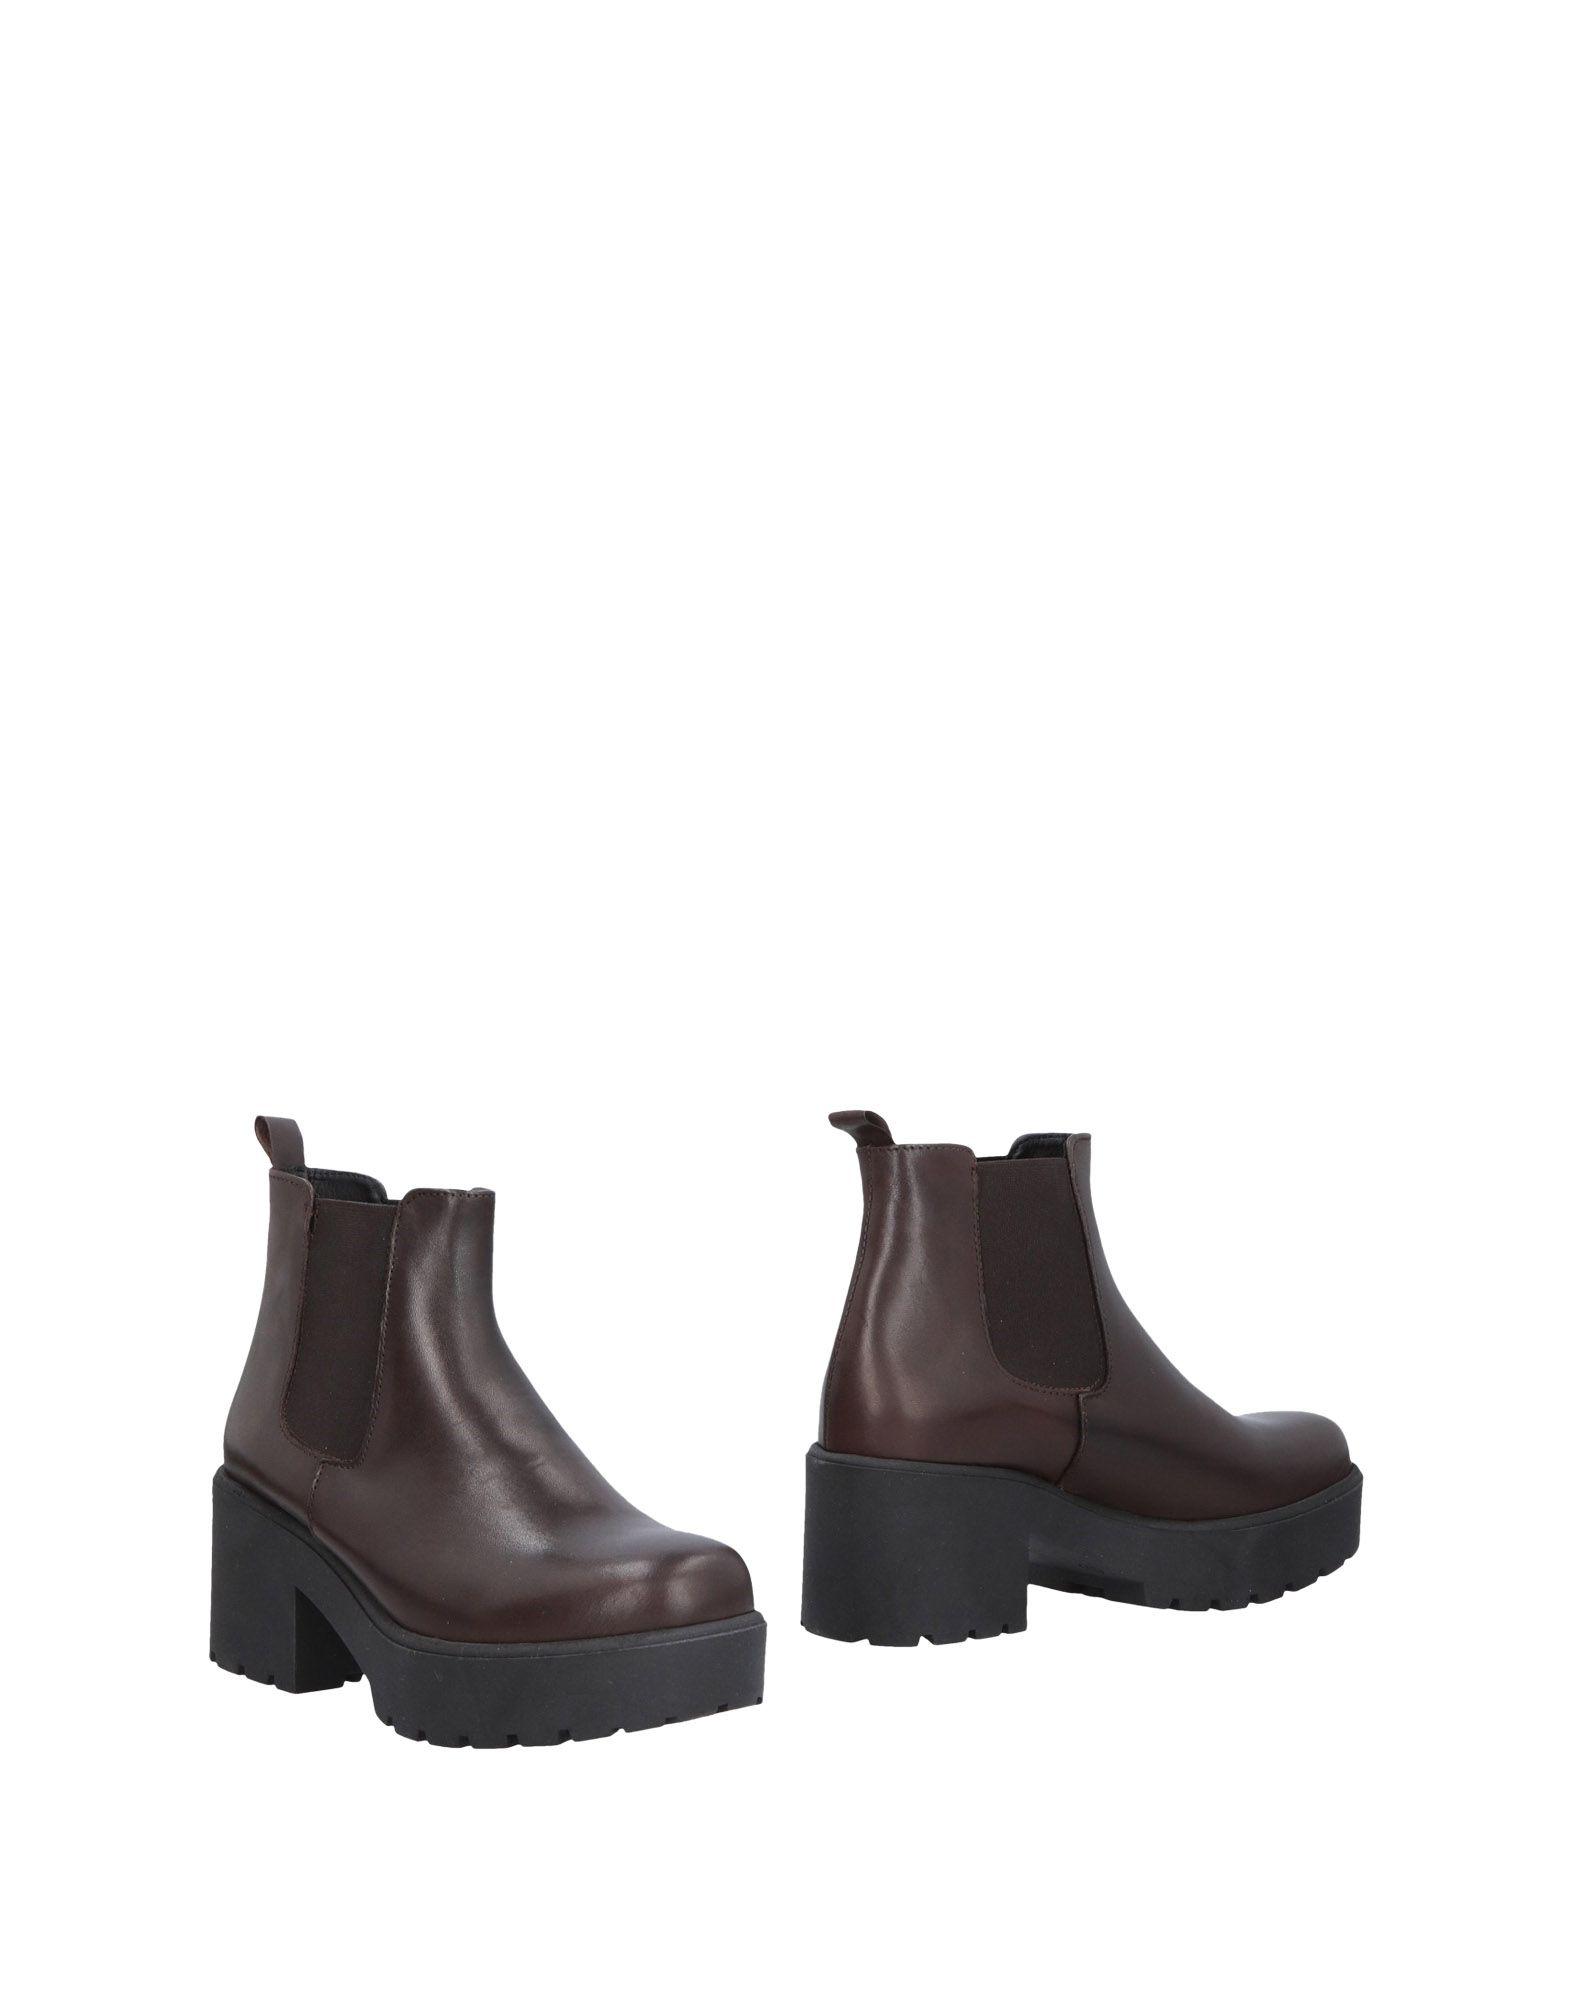 Unlace Chelsea Stiefel Damen Gutes 4575 Preis-Leistungs-Verhältnis, es lohnt sich 4575 Gutes 264e5b